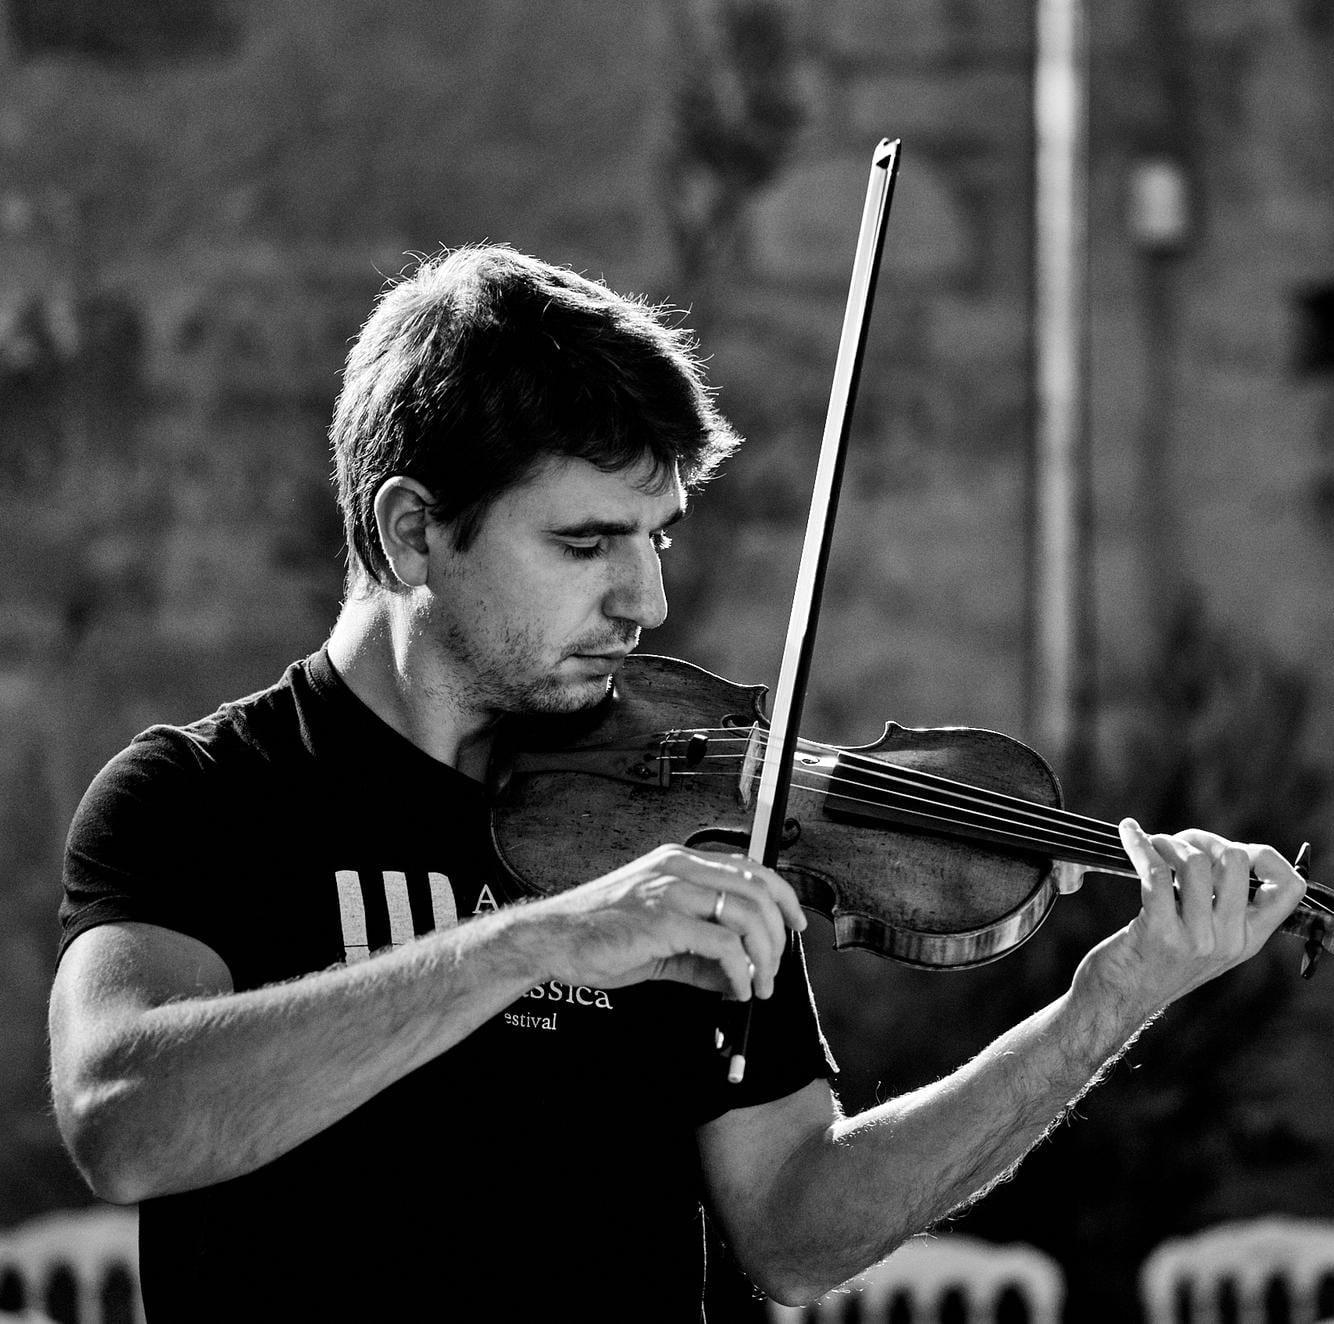 Swiss swoop for concertmaster